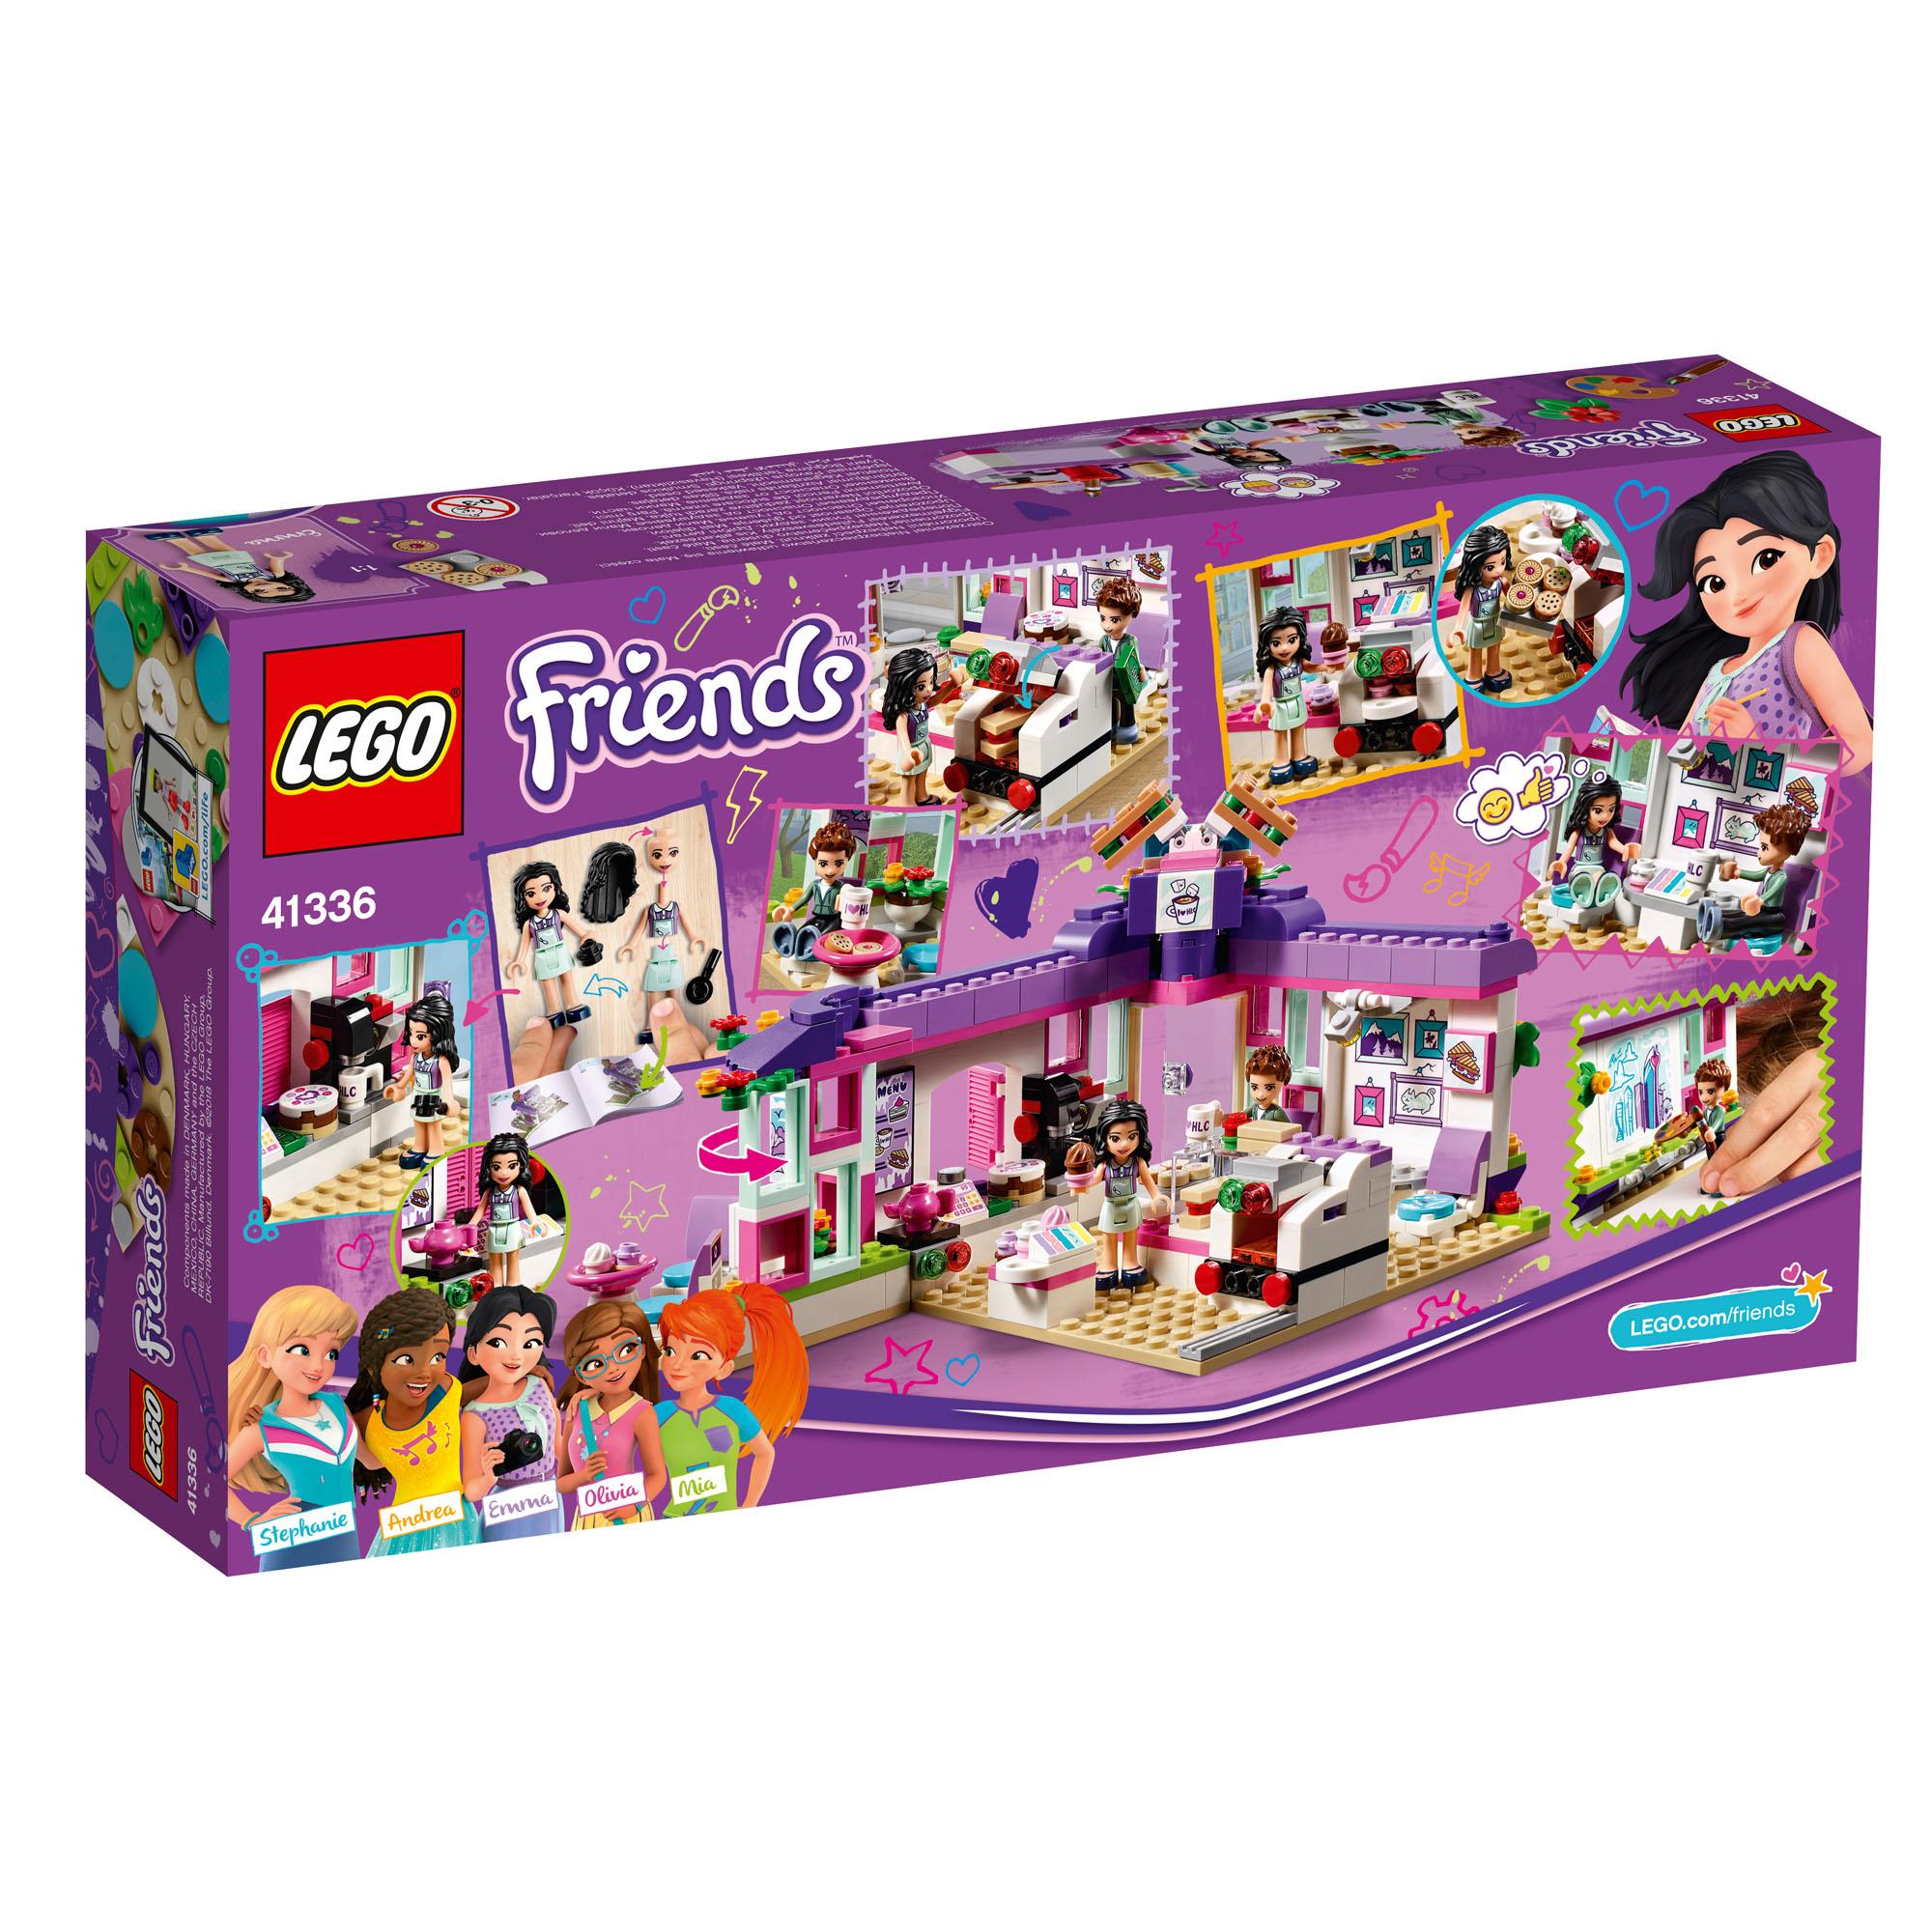 41336 LEGO Friends Emma's Art Café Set 378 Pieces Age 6 ...